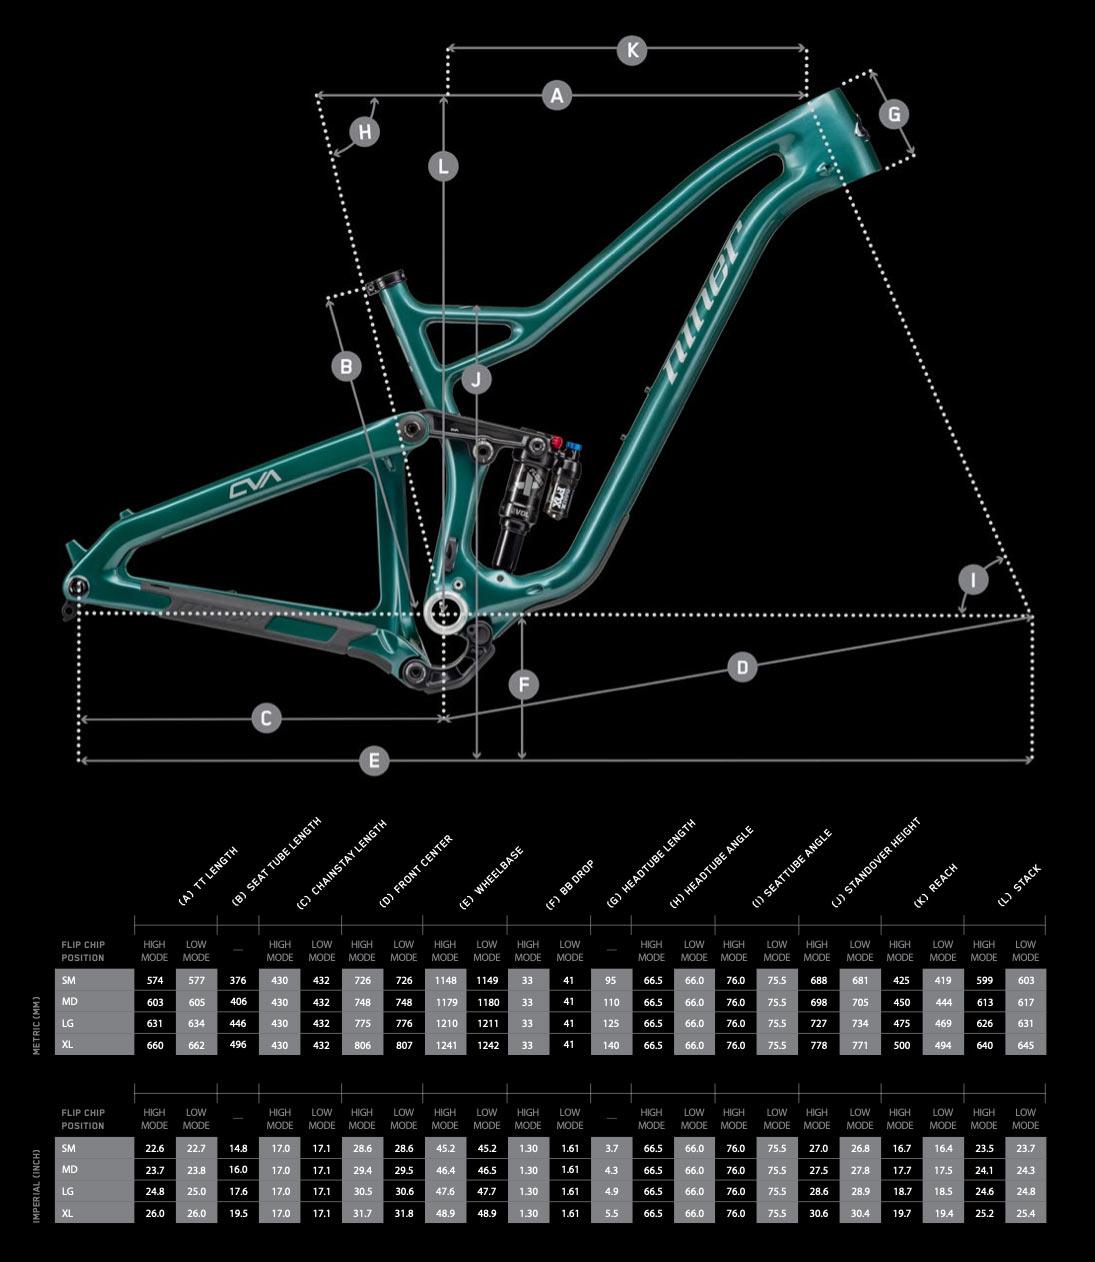 geometry chart for new niner jet 9 rdo mountain bike for 2021